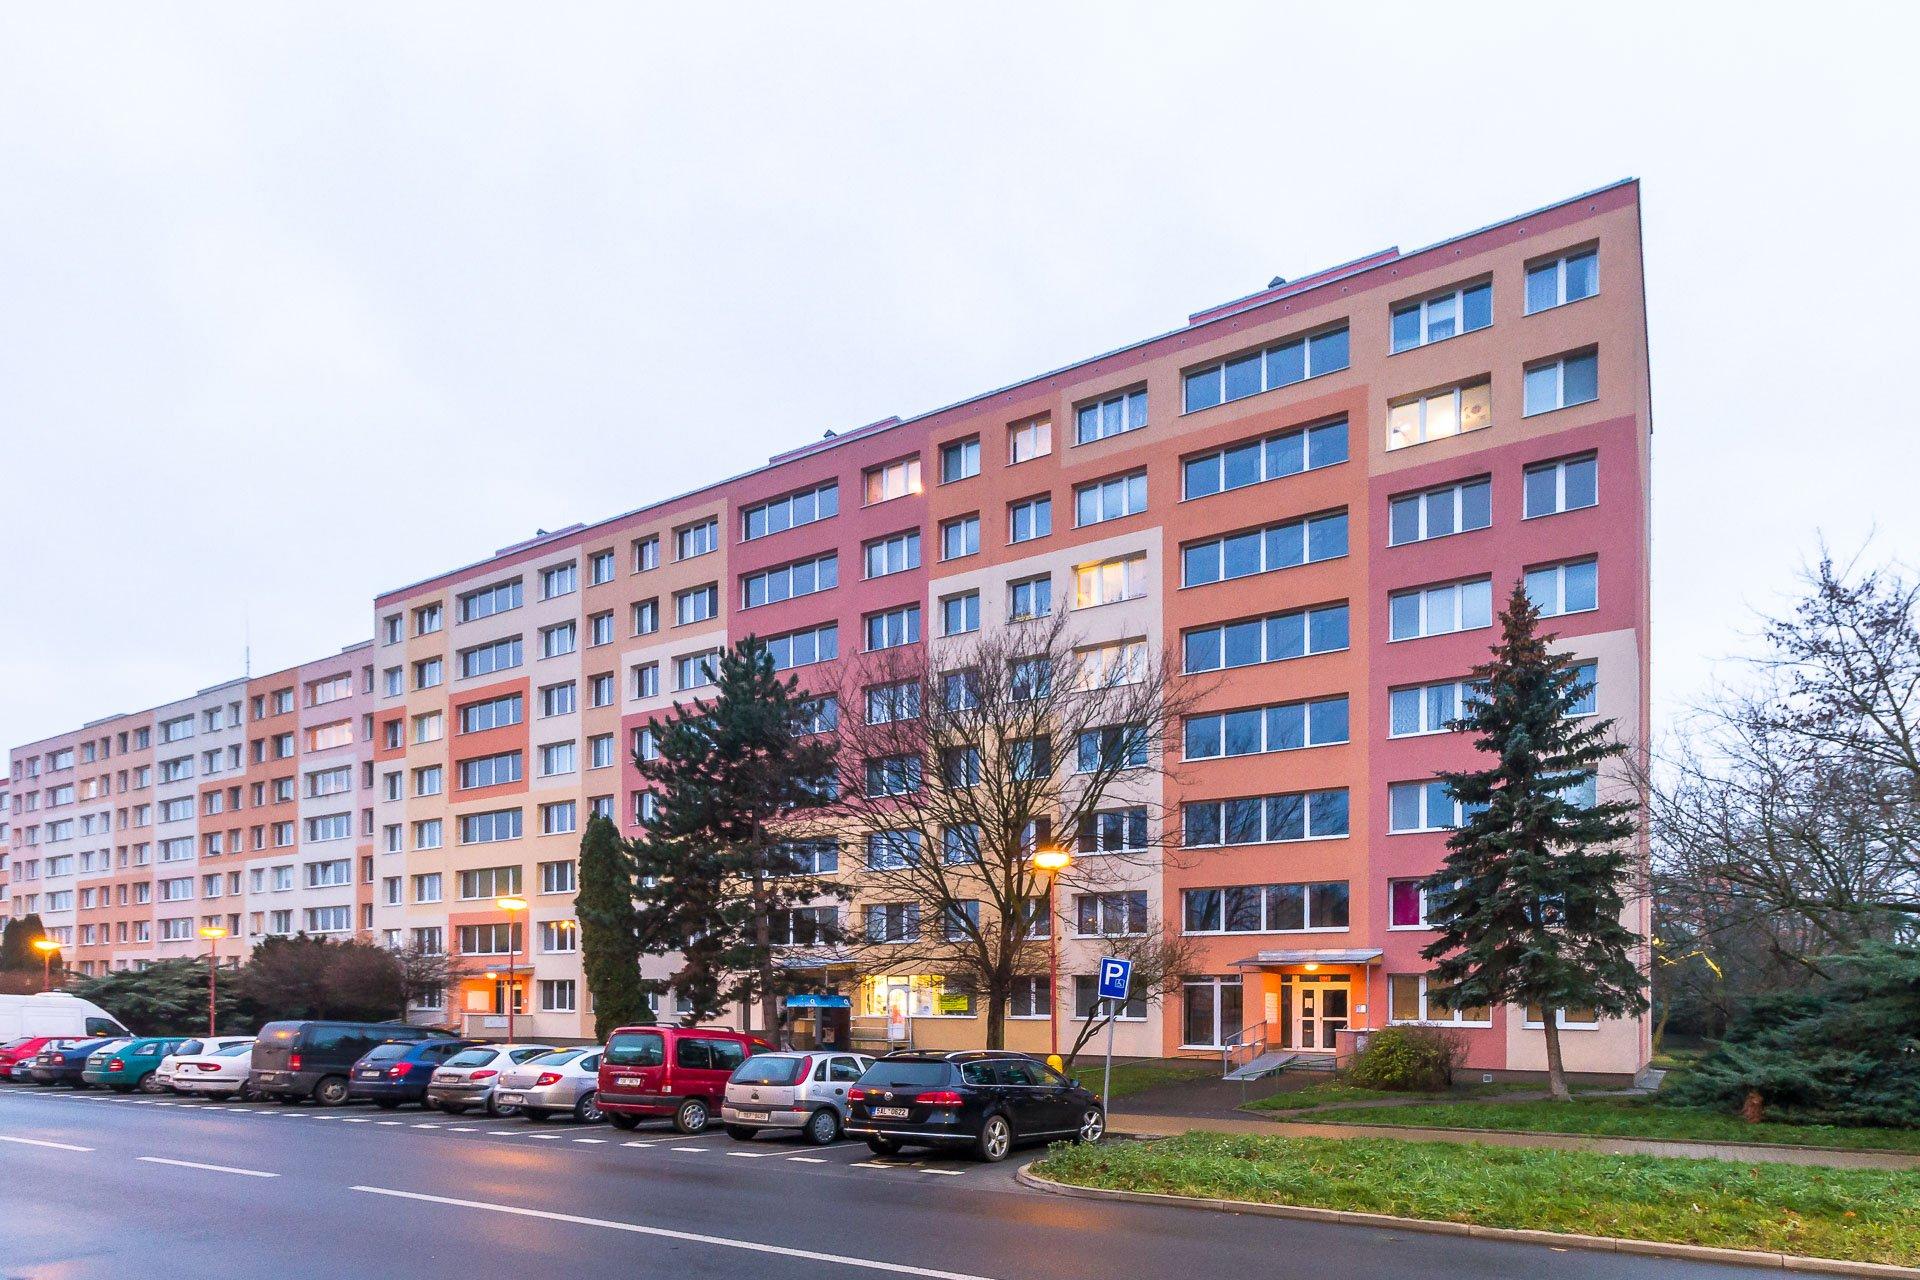 Prodej družstevního bytu 2kk 41m2 Neratovice